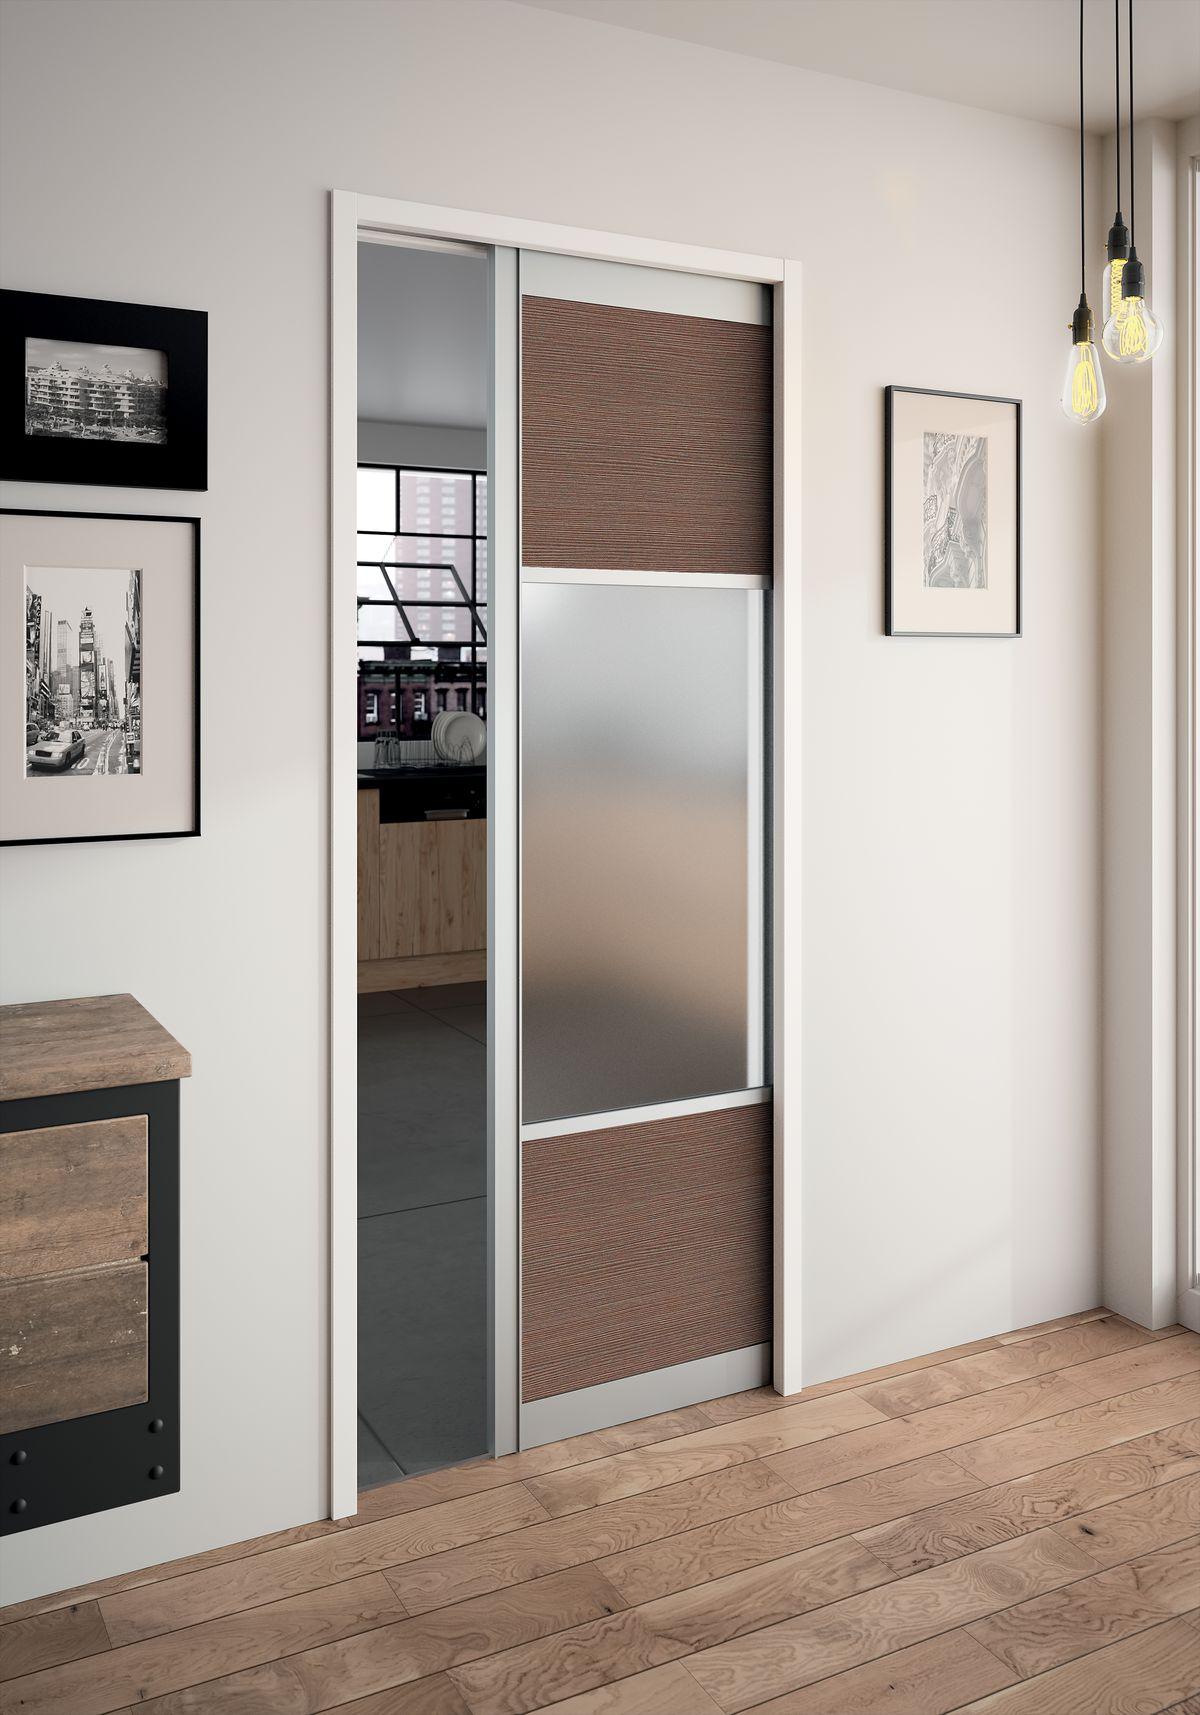 Porte Coulissante Separation les portes coulissantes à galandage : élégance et discrétion | tanguy